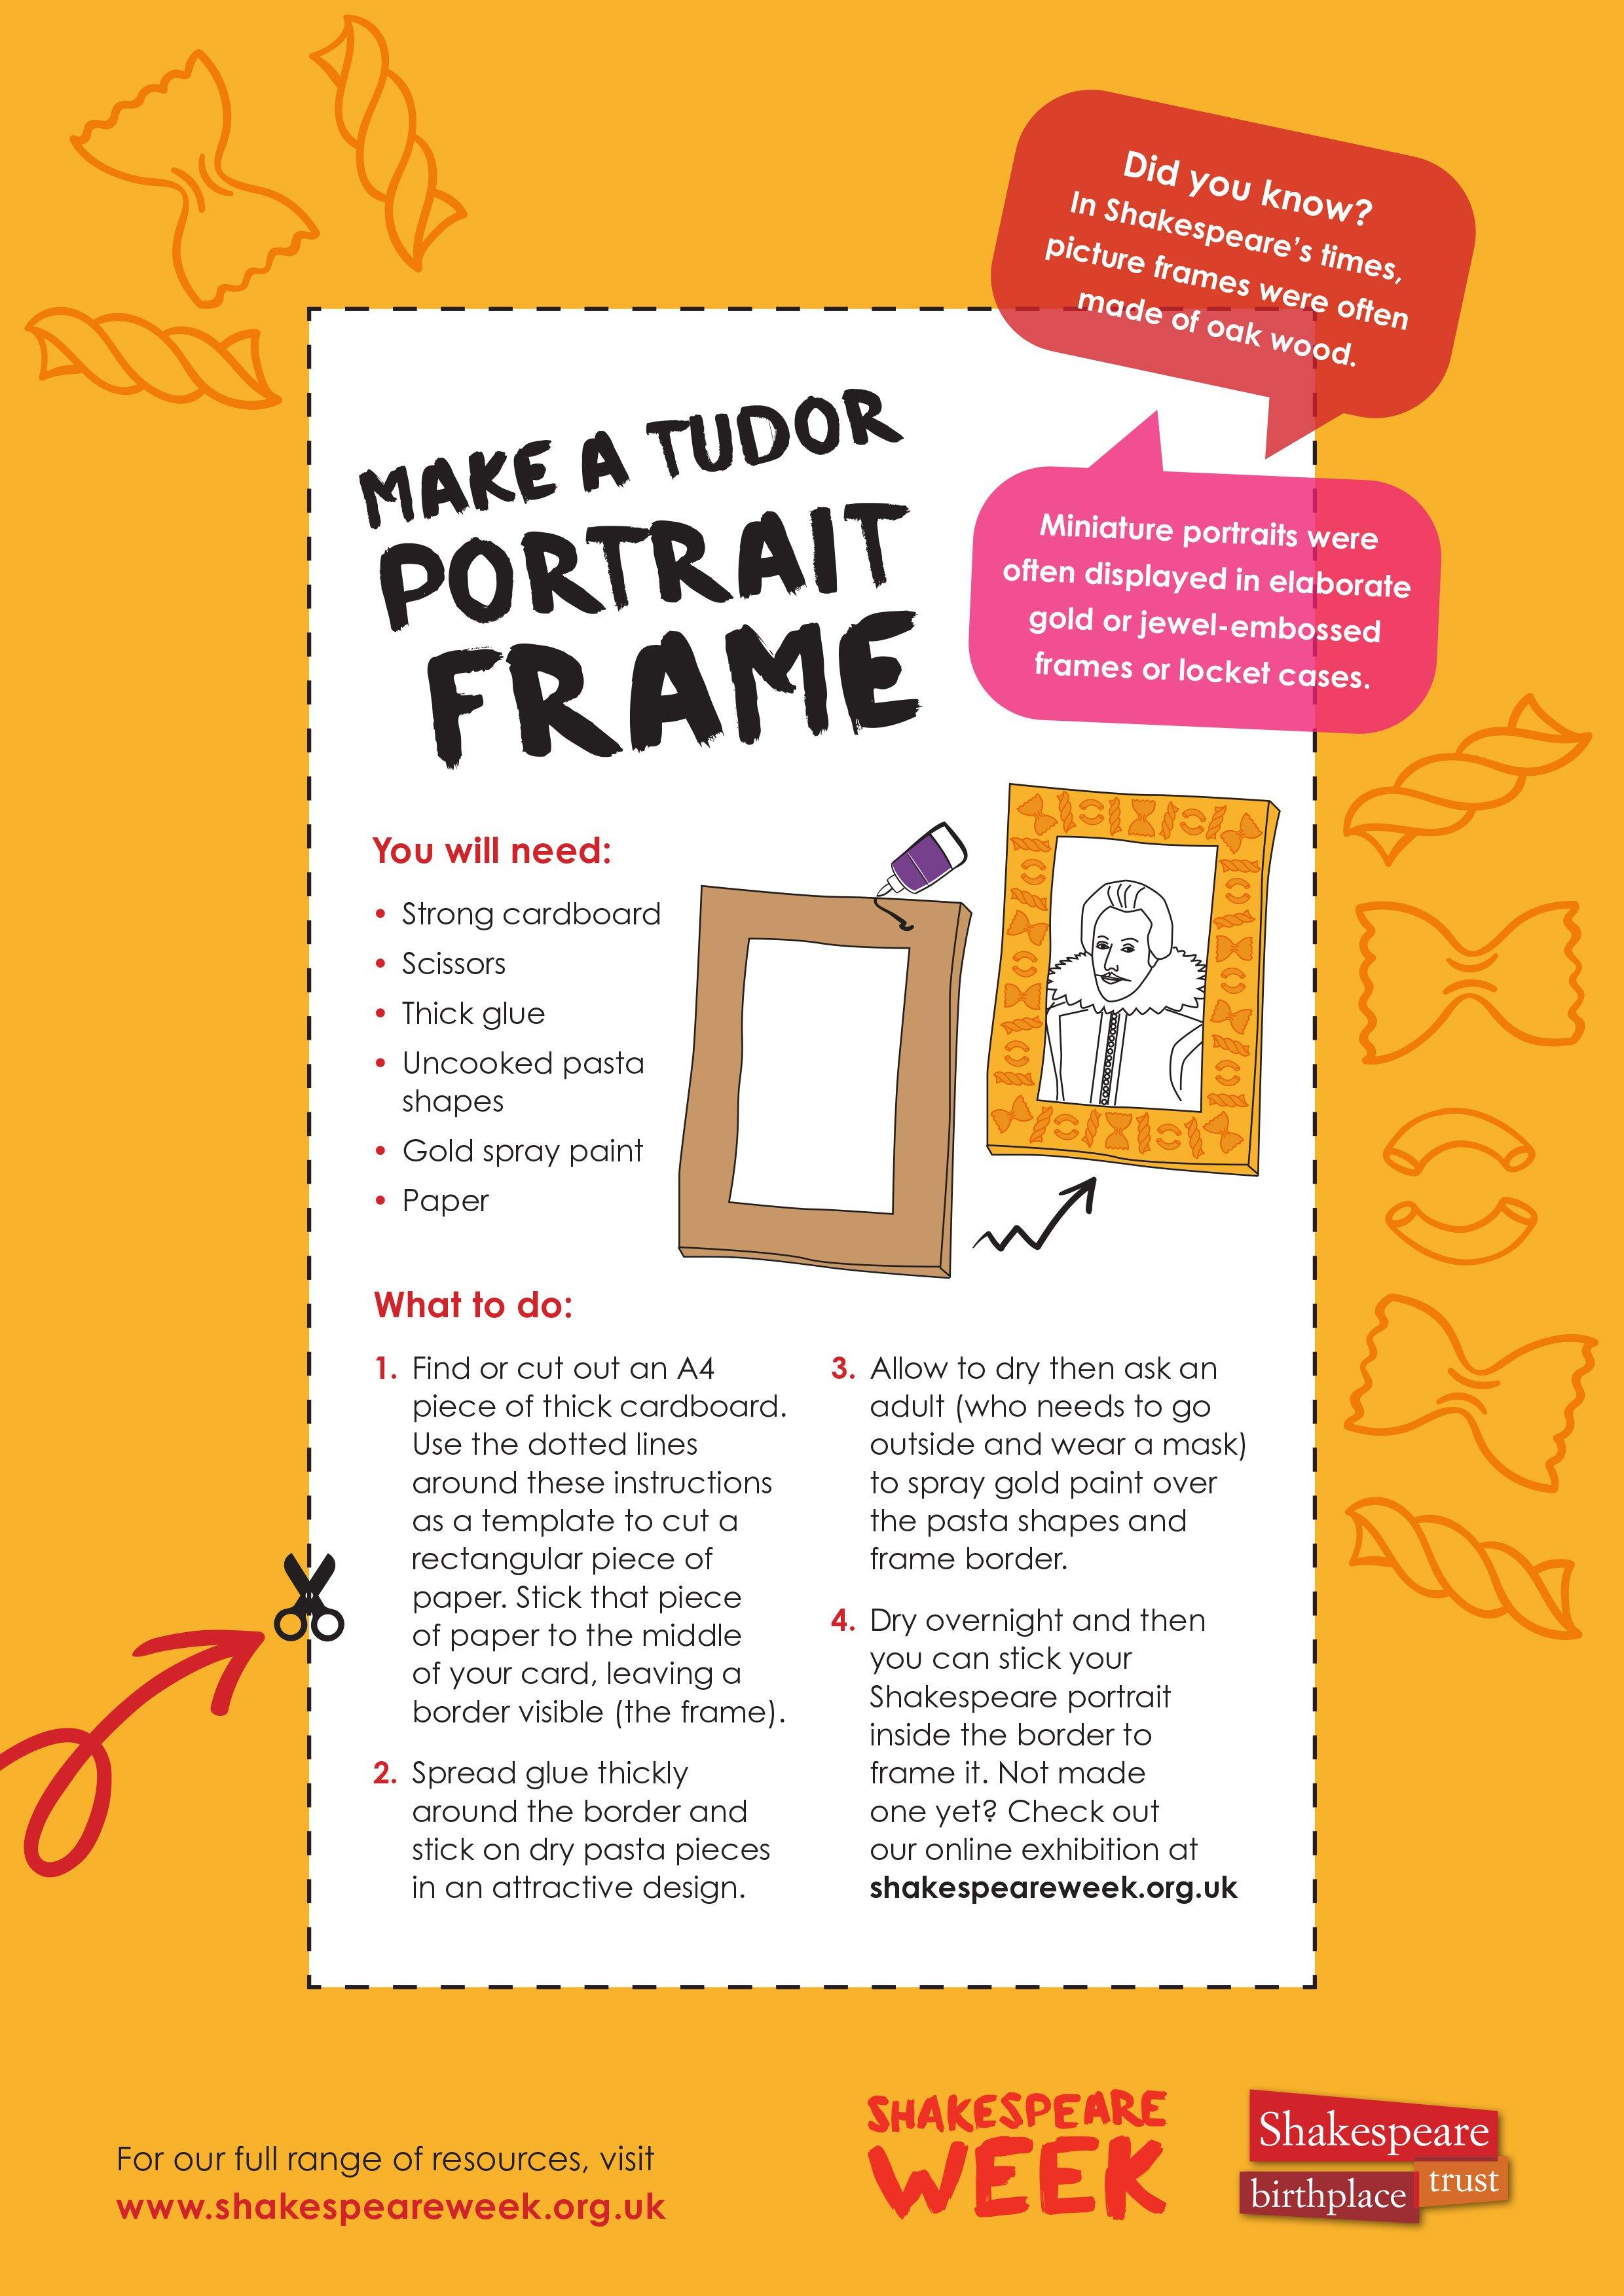 Make a Tudor portrait frame